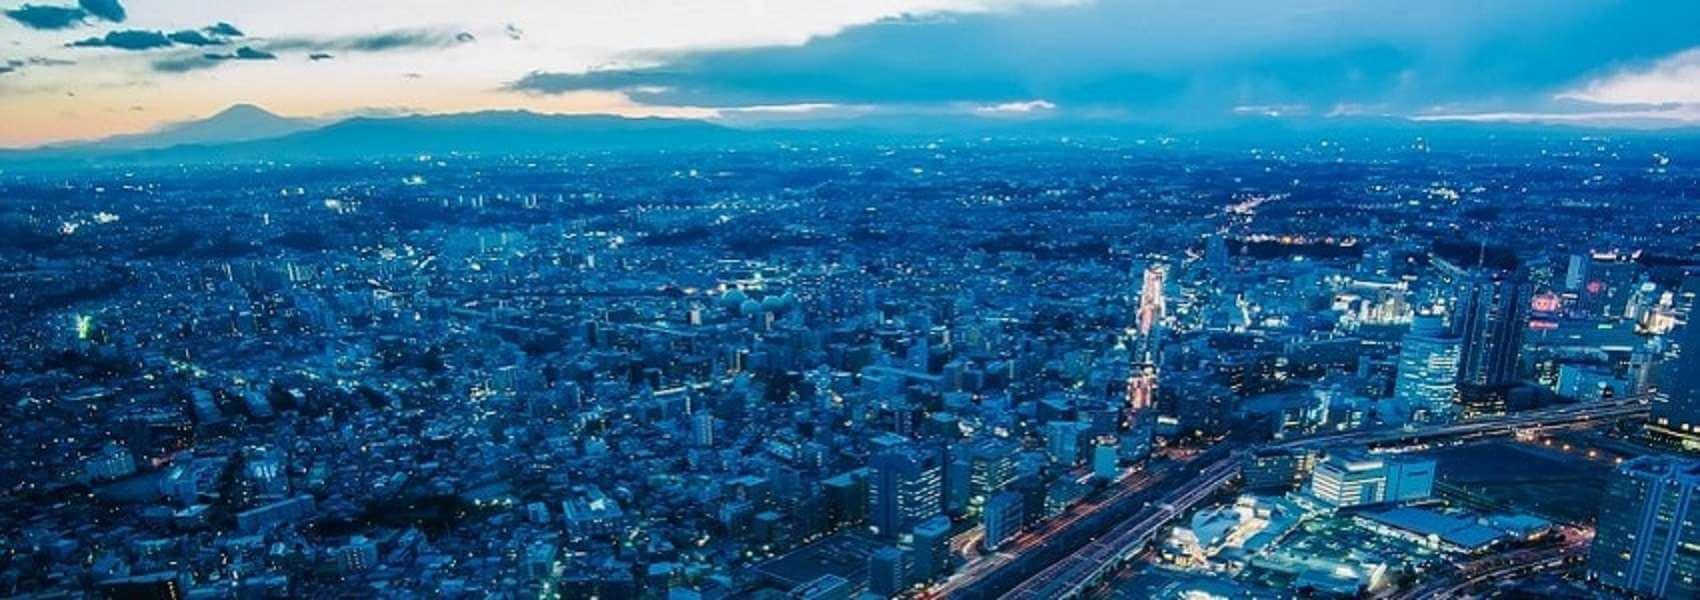 横浜鶴見の個別学習支援・ピアサポート支援団体|まなひろ